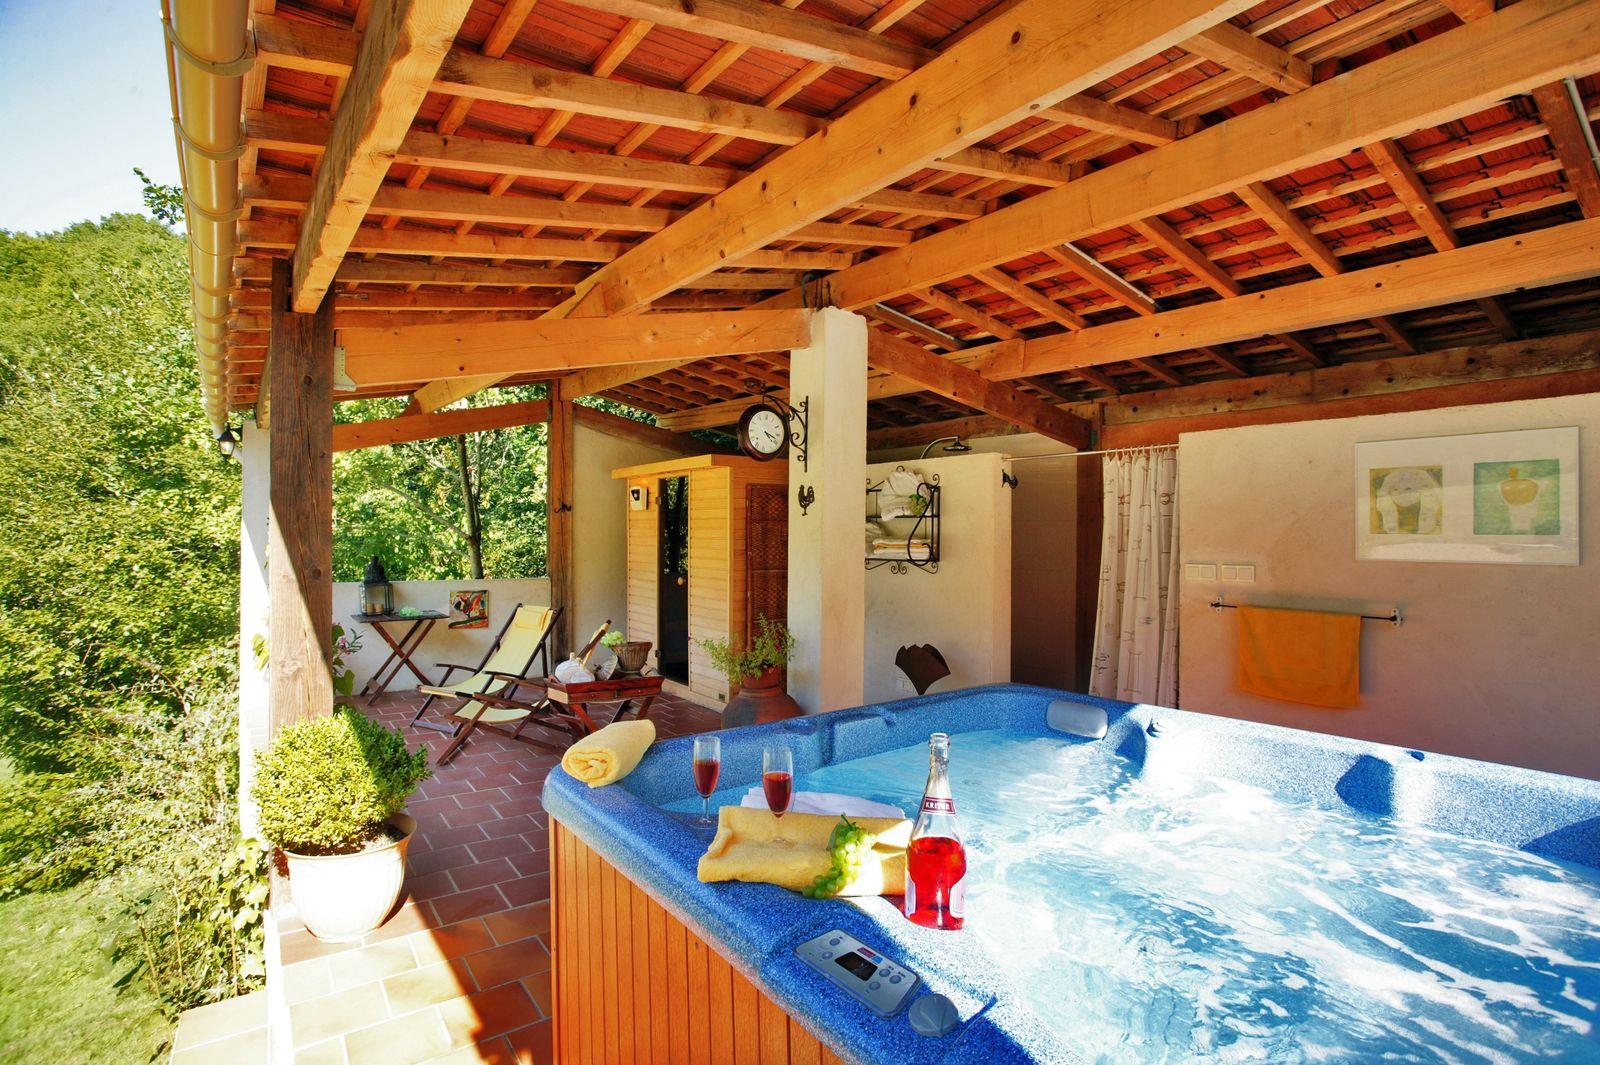 Afbeelding van La Nouvelle Source - Naeva vakantiehuis Dordogne I Frankrijk